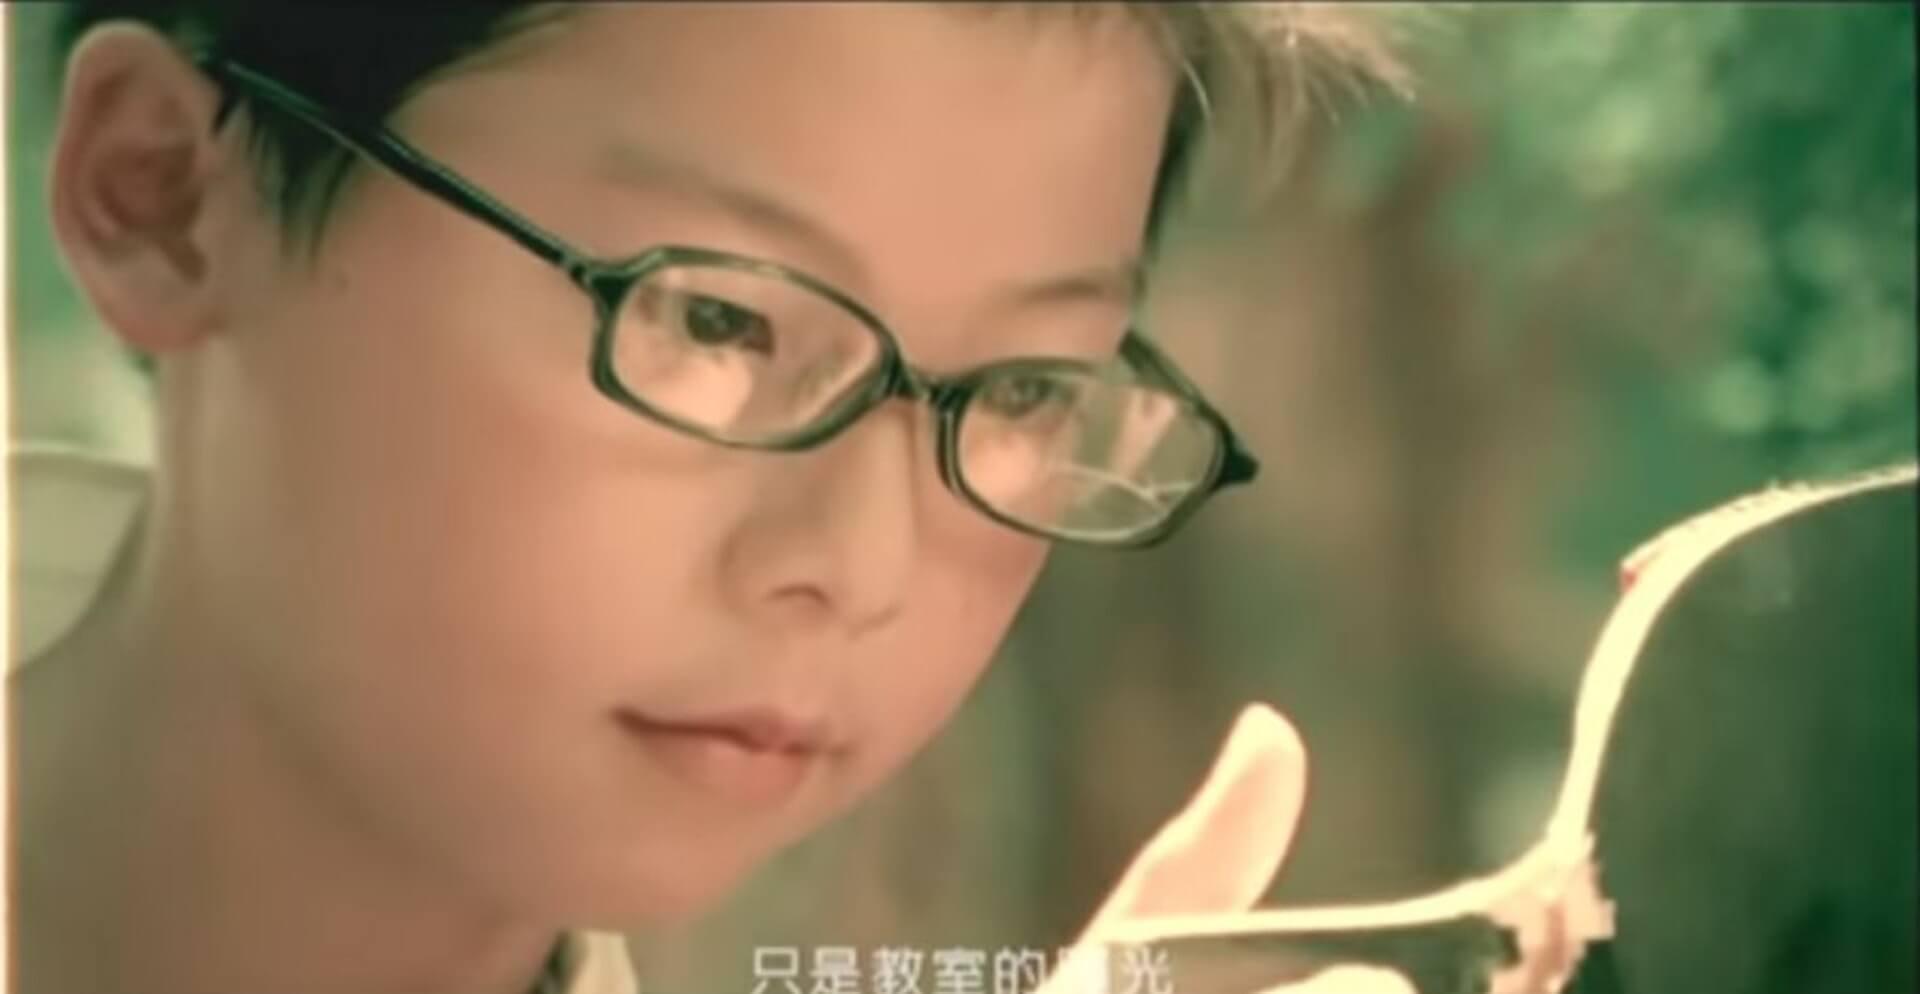 周杰倫《三年二班》MV裏打桌球的小男孩竟是許光漢。